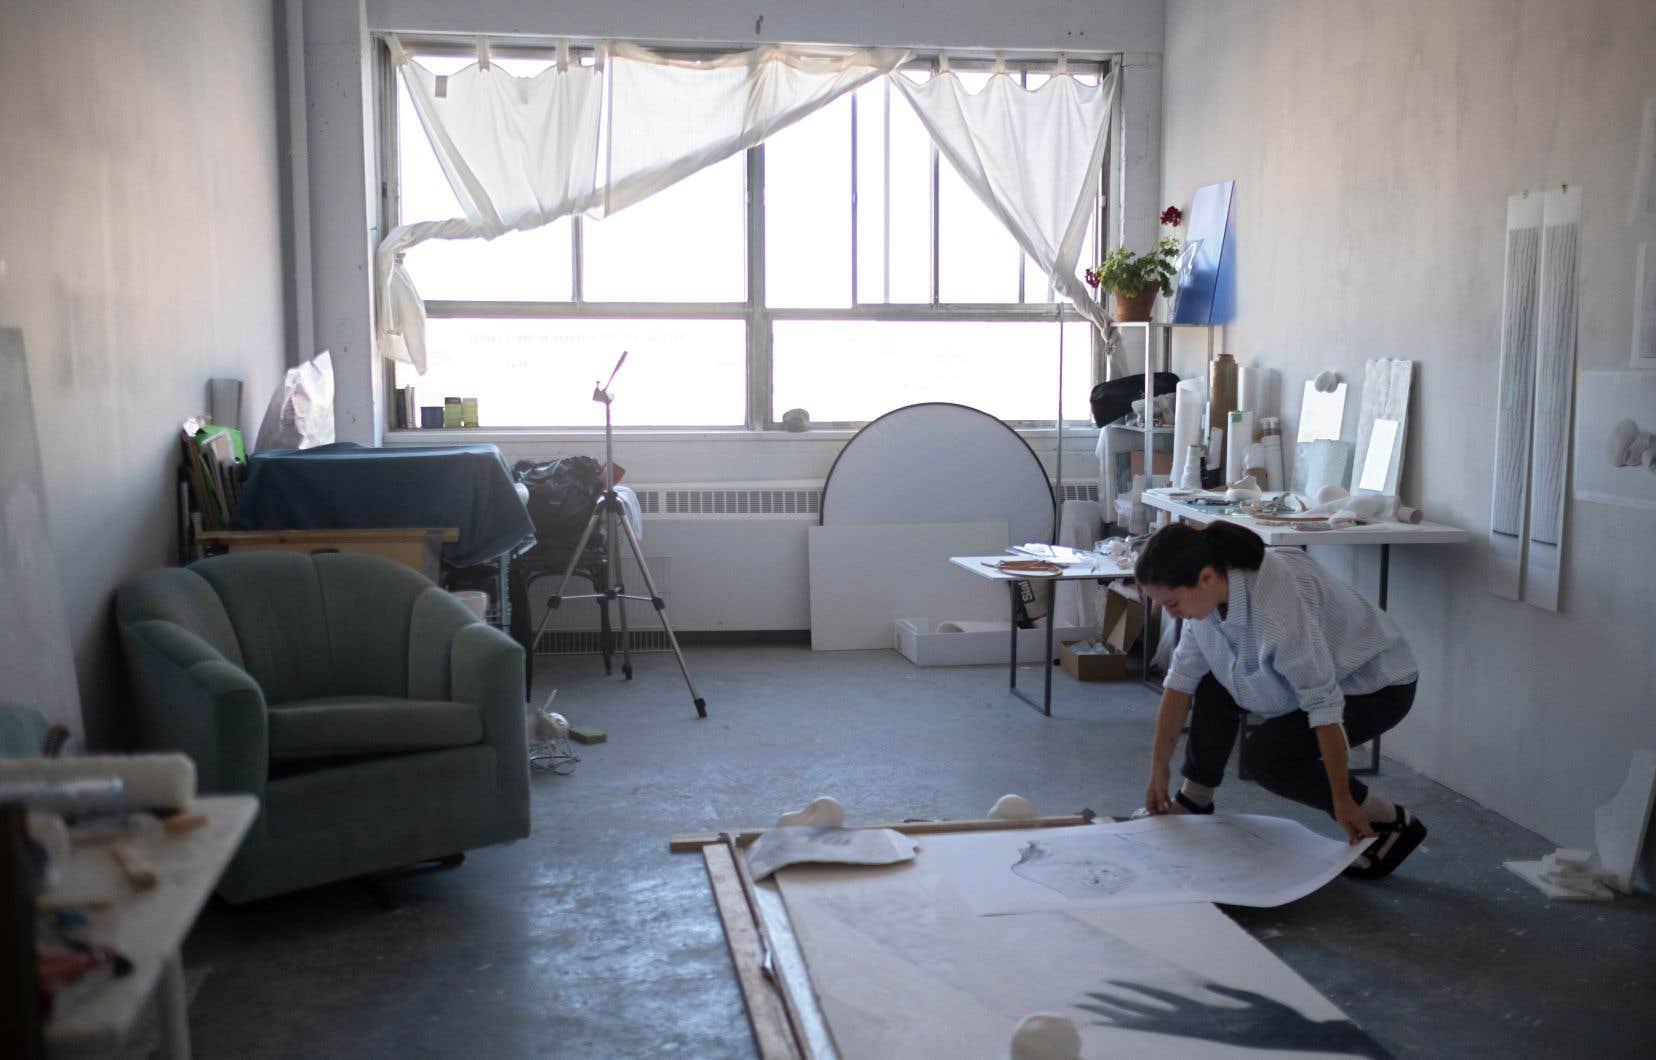 «Nous sommes quatre et avons tous des espaces privés avec fenêtres, commente Caroline Mauxion, active en photographie. Sur de Gaspé, c'était très cher. J'ai le double d'espace, pour 100 $ de plus. Il n'y a pas photo.»